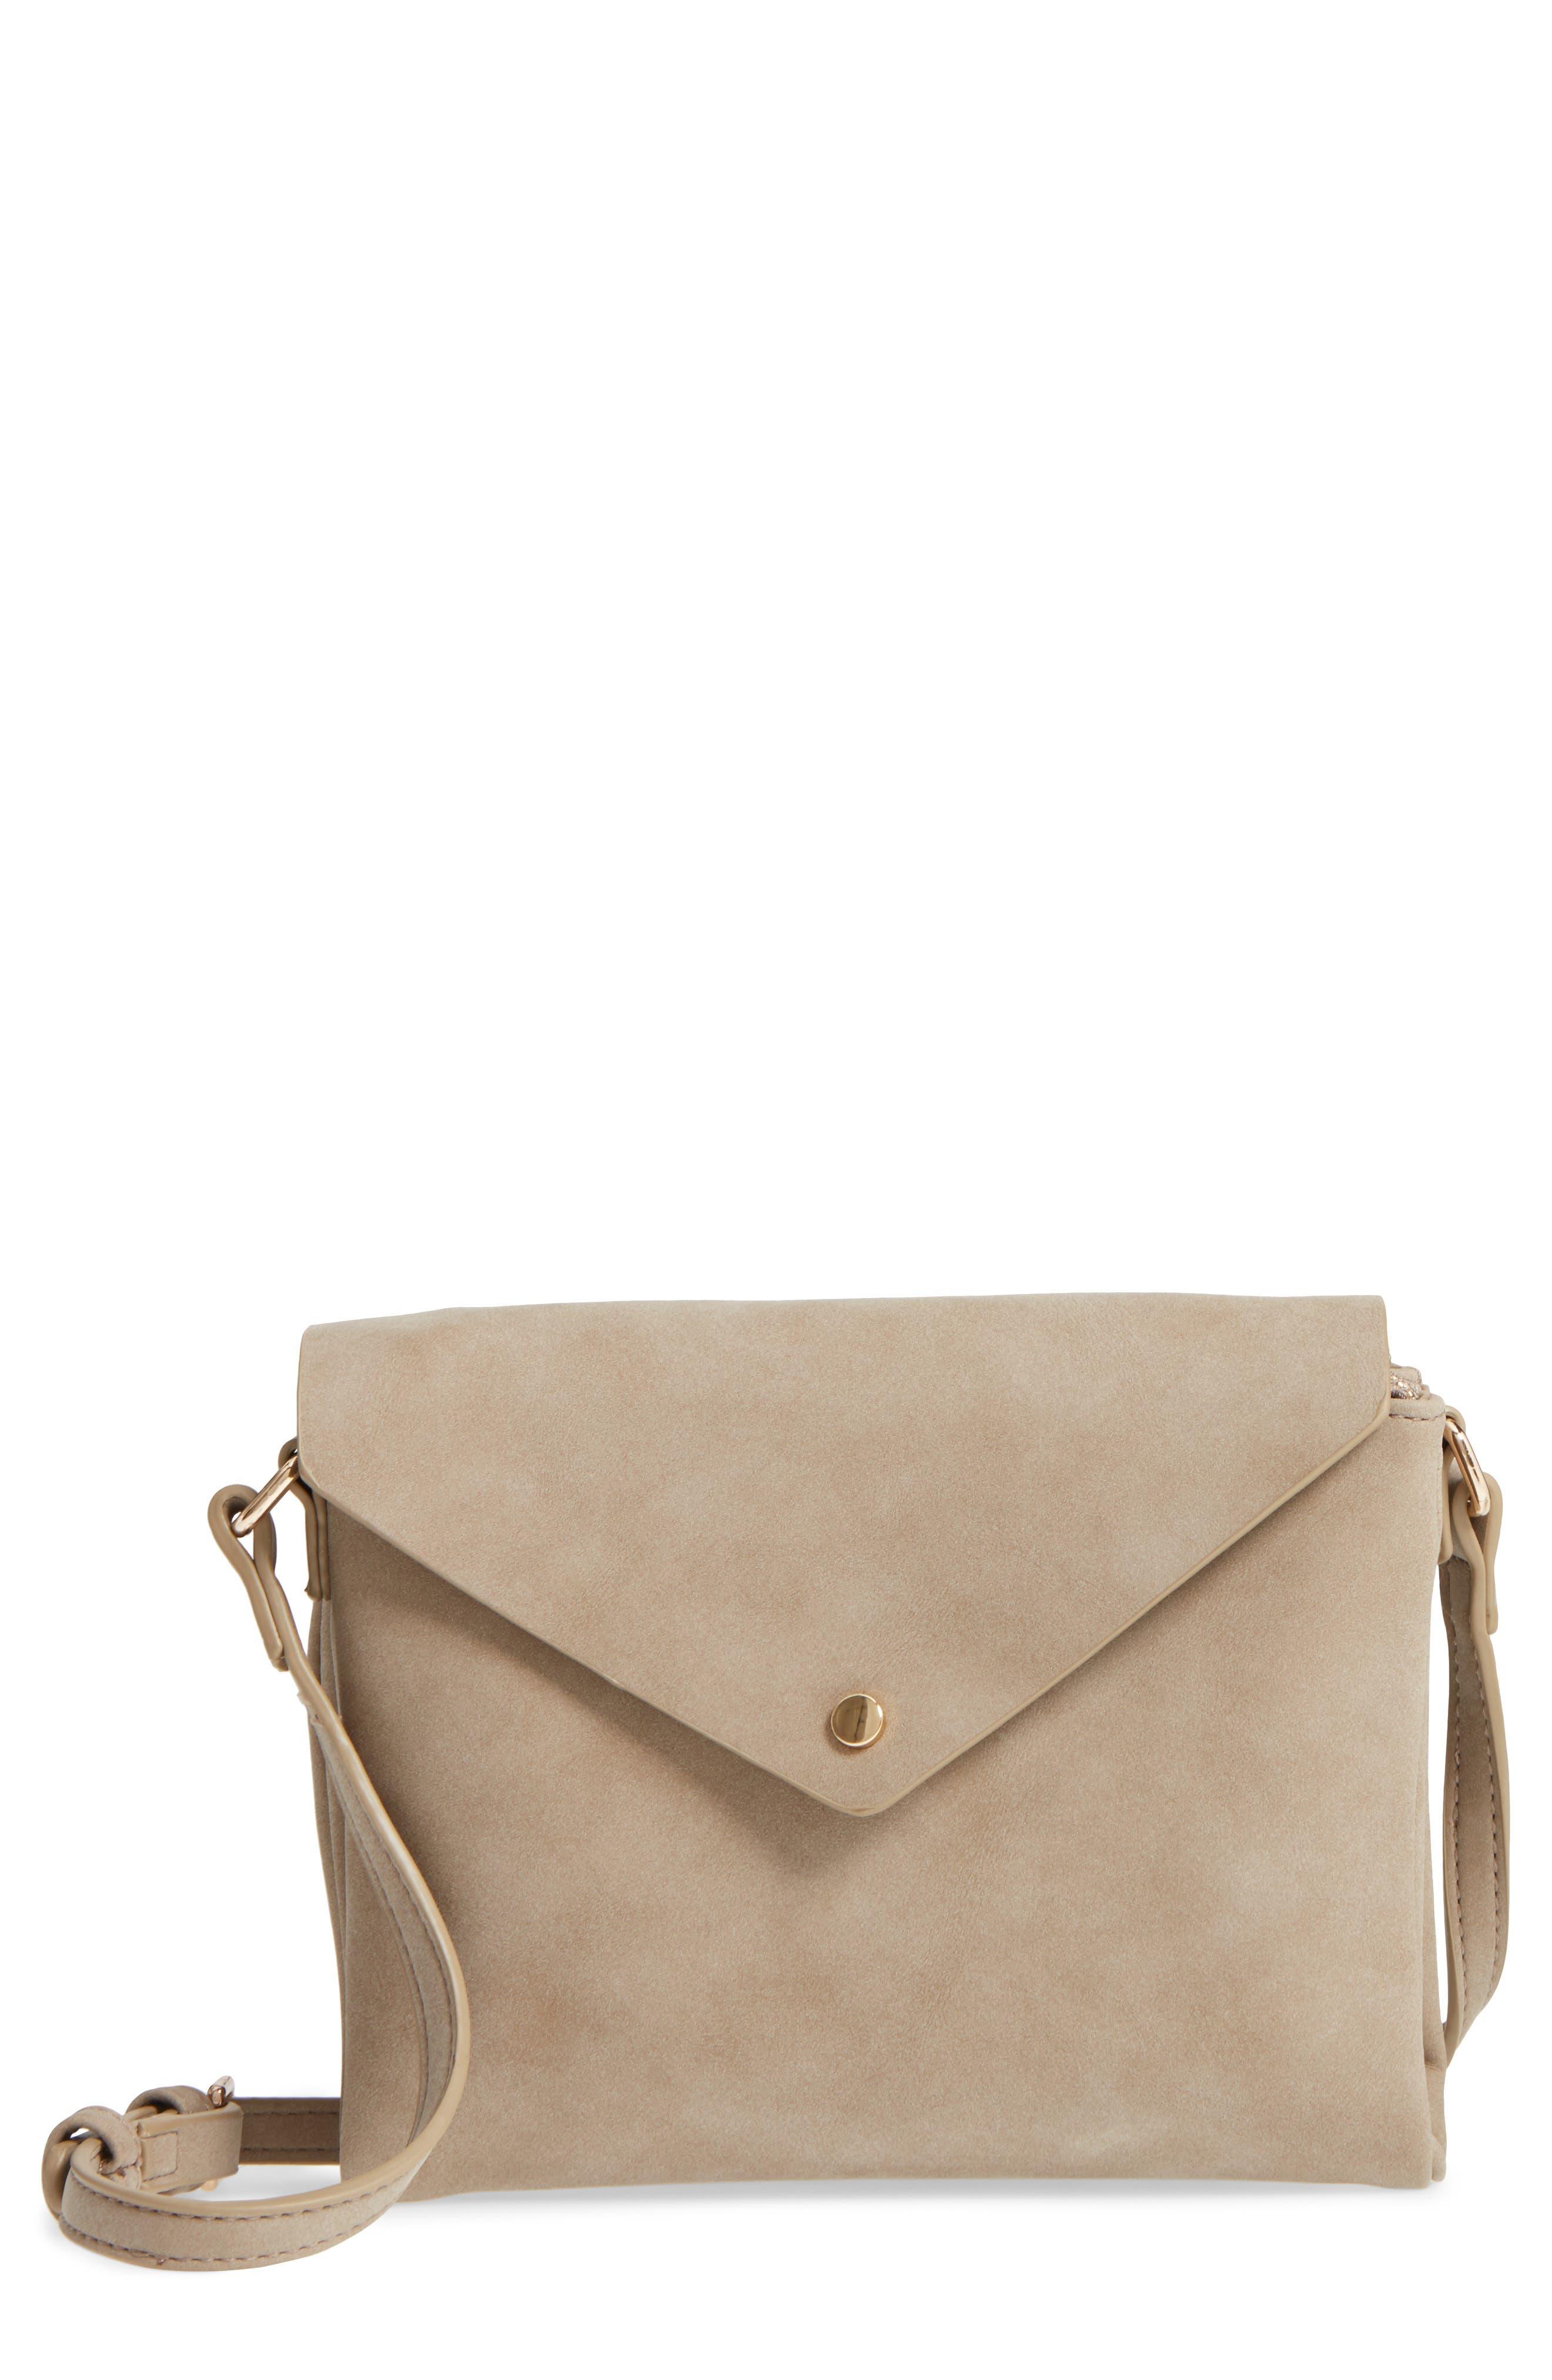 Street Level Envelope Crossbody Bag